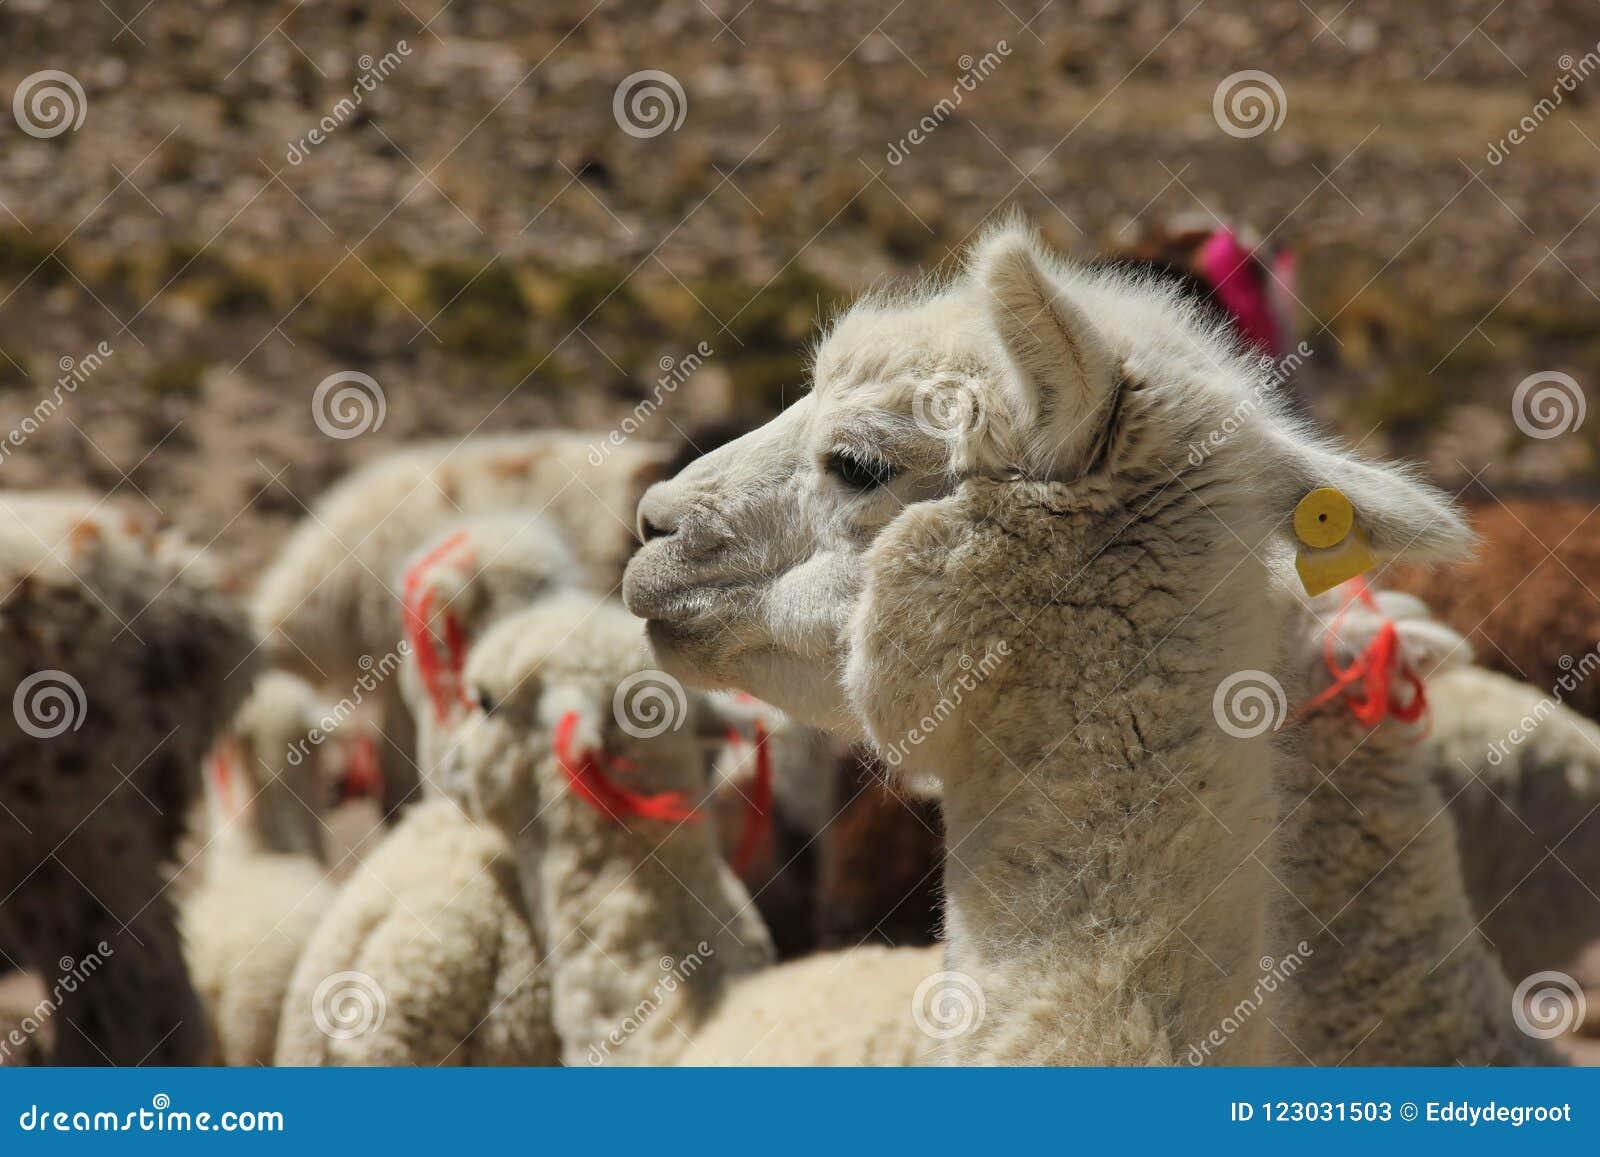 Ein weißes Alpaka in einer Herde